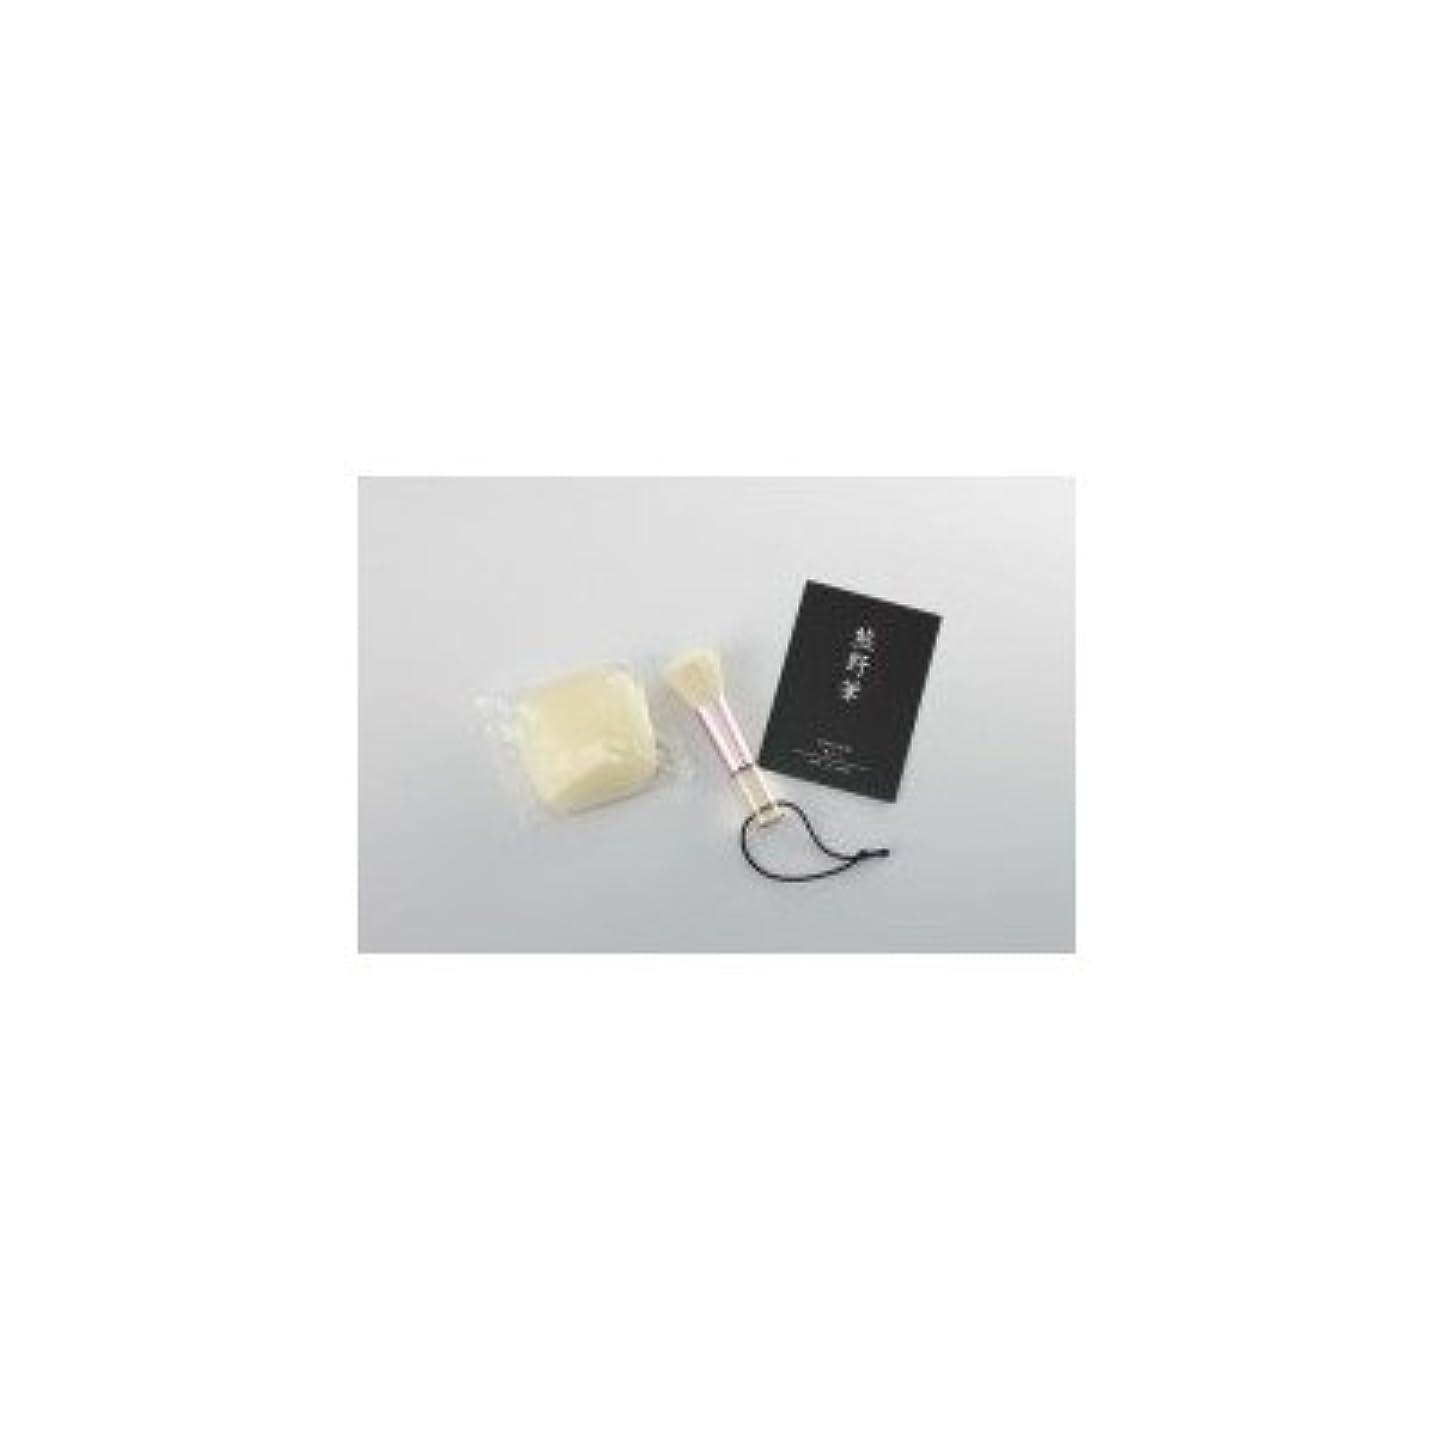 伝えるビジュアル組み込む世界に誇る熊野化粧筆 KFi-35FSZ 熊野化粧筆 筆の心 洗顔ブラシ&ソープ